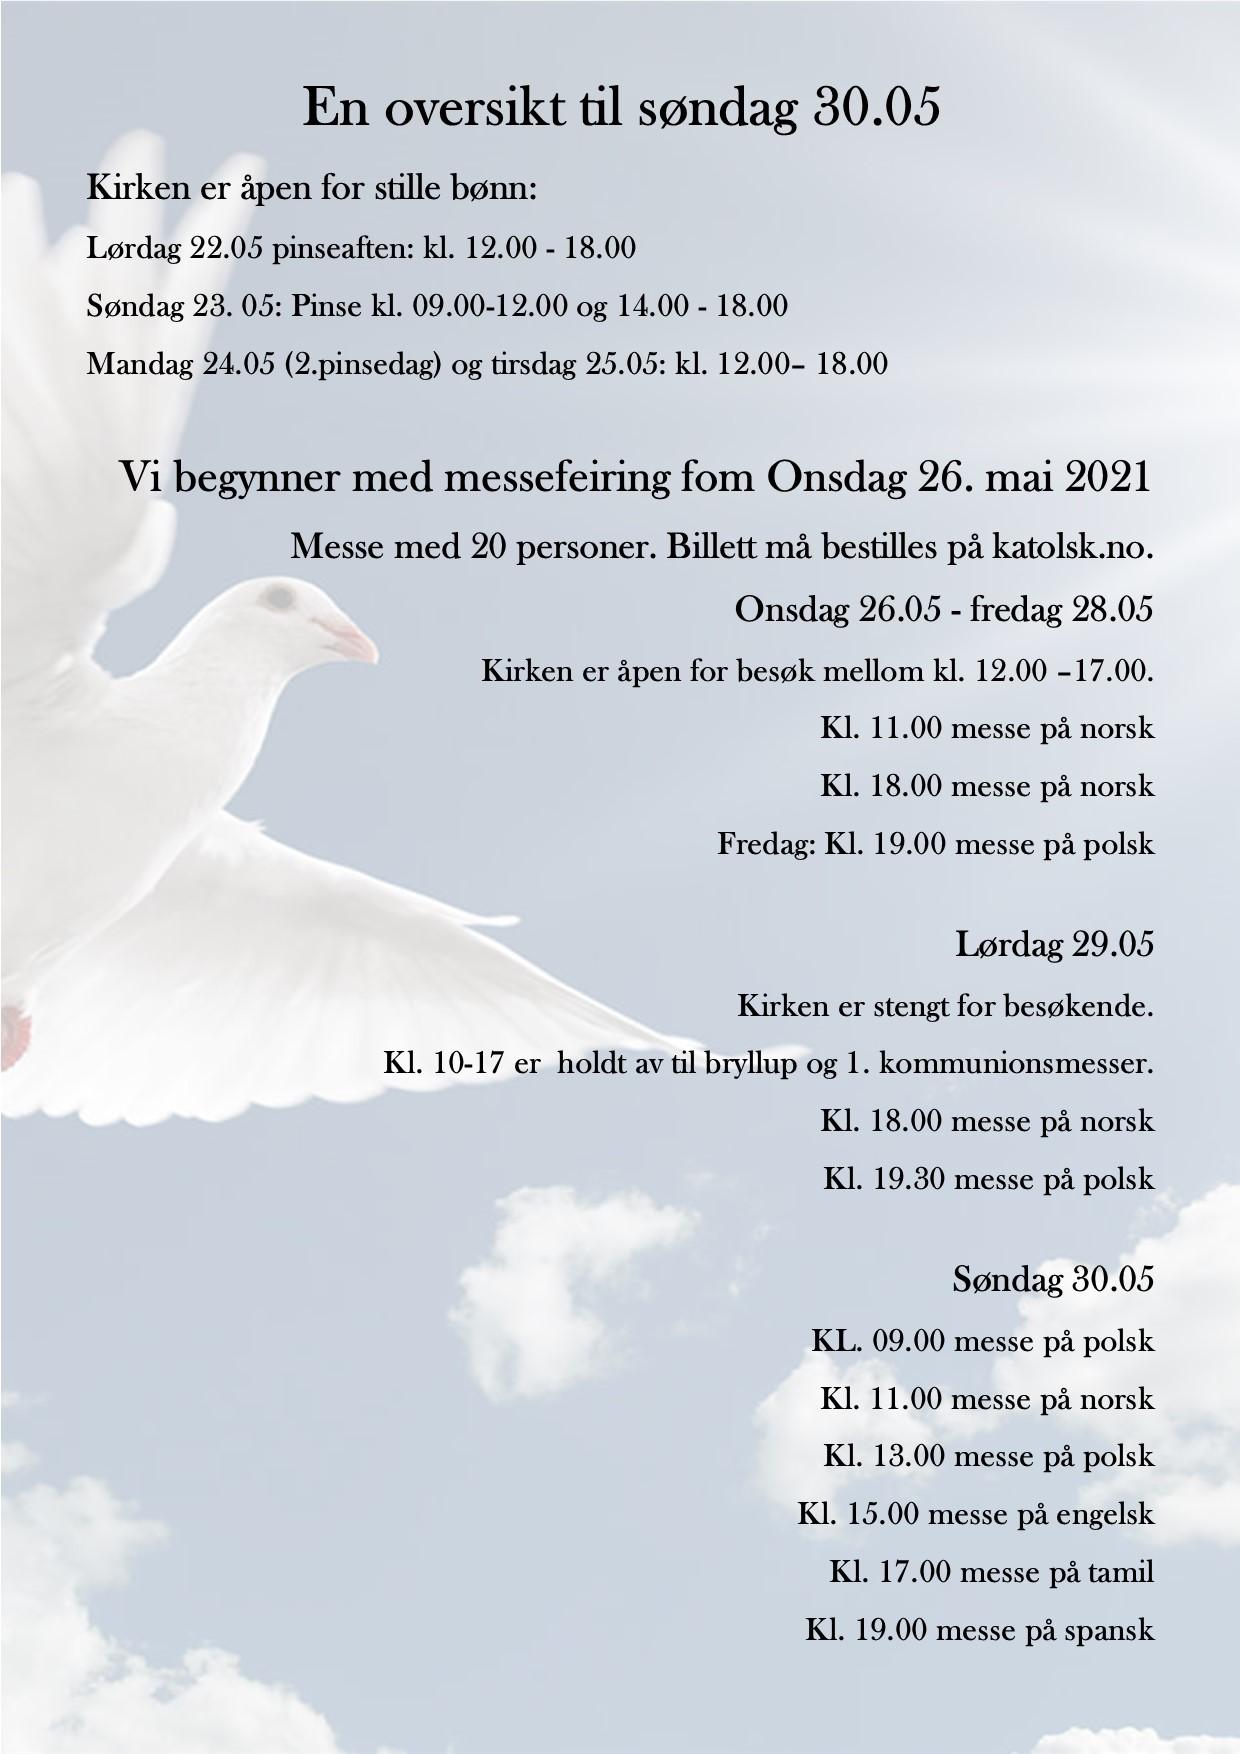 En oversikt over messetider og åpningstider til og med 30. mai